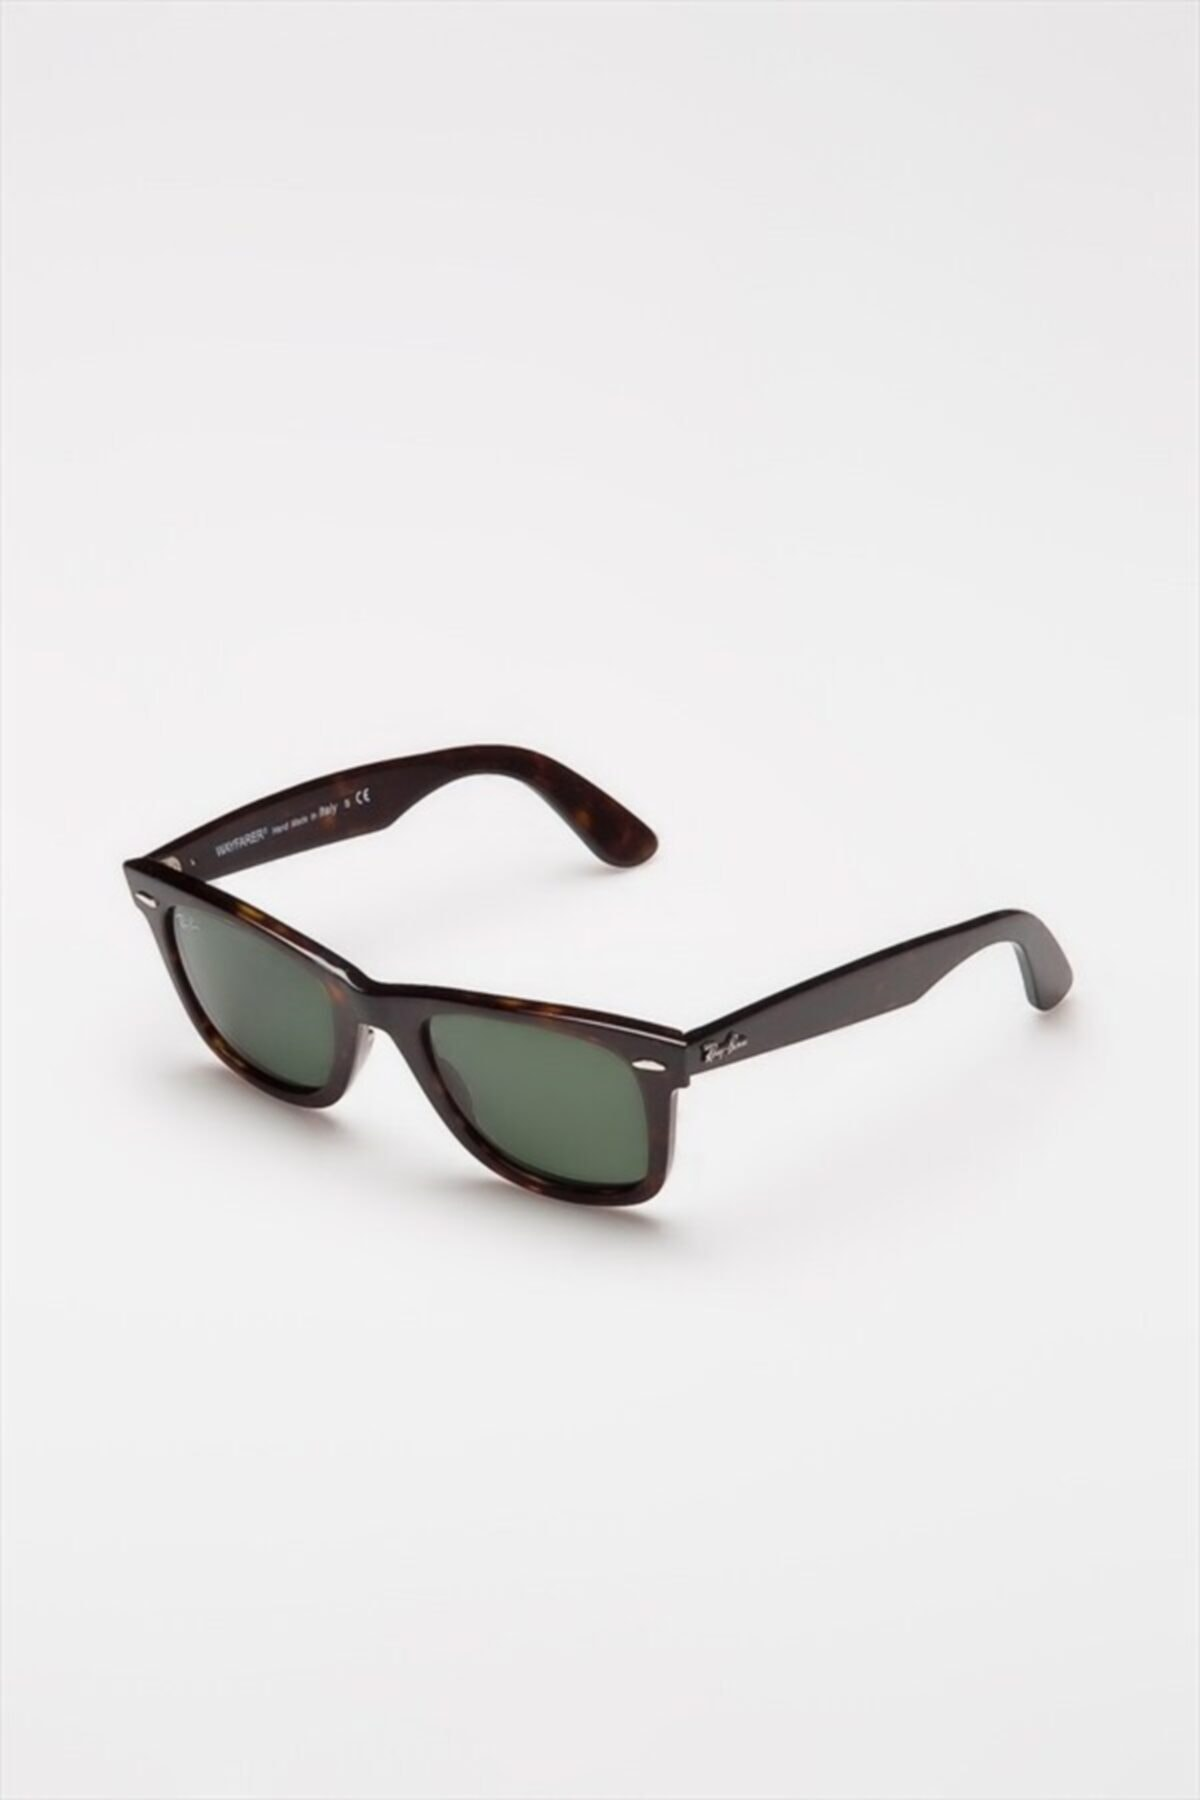 Ray-Ban Unisex Kahverengi Dikdörtgen Güneş Gözlüğü